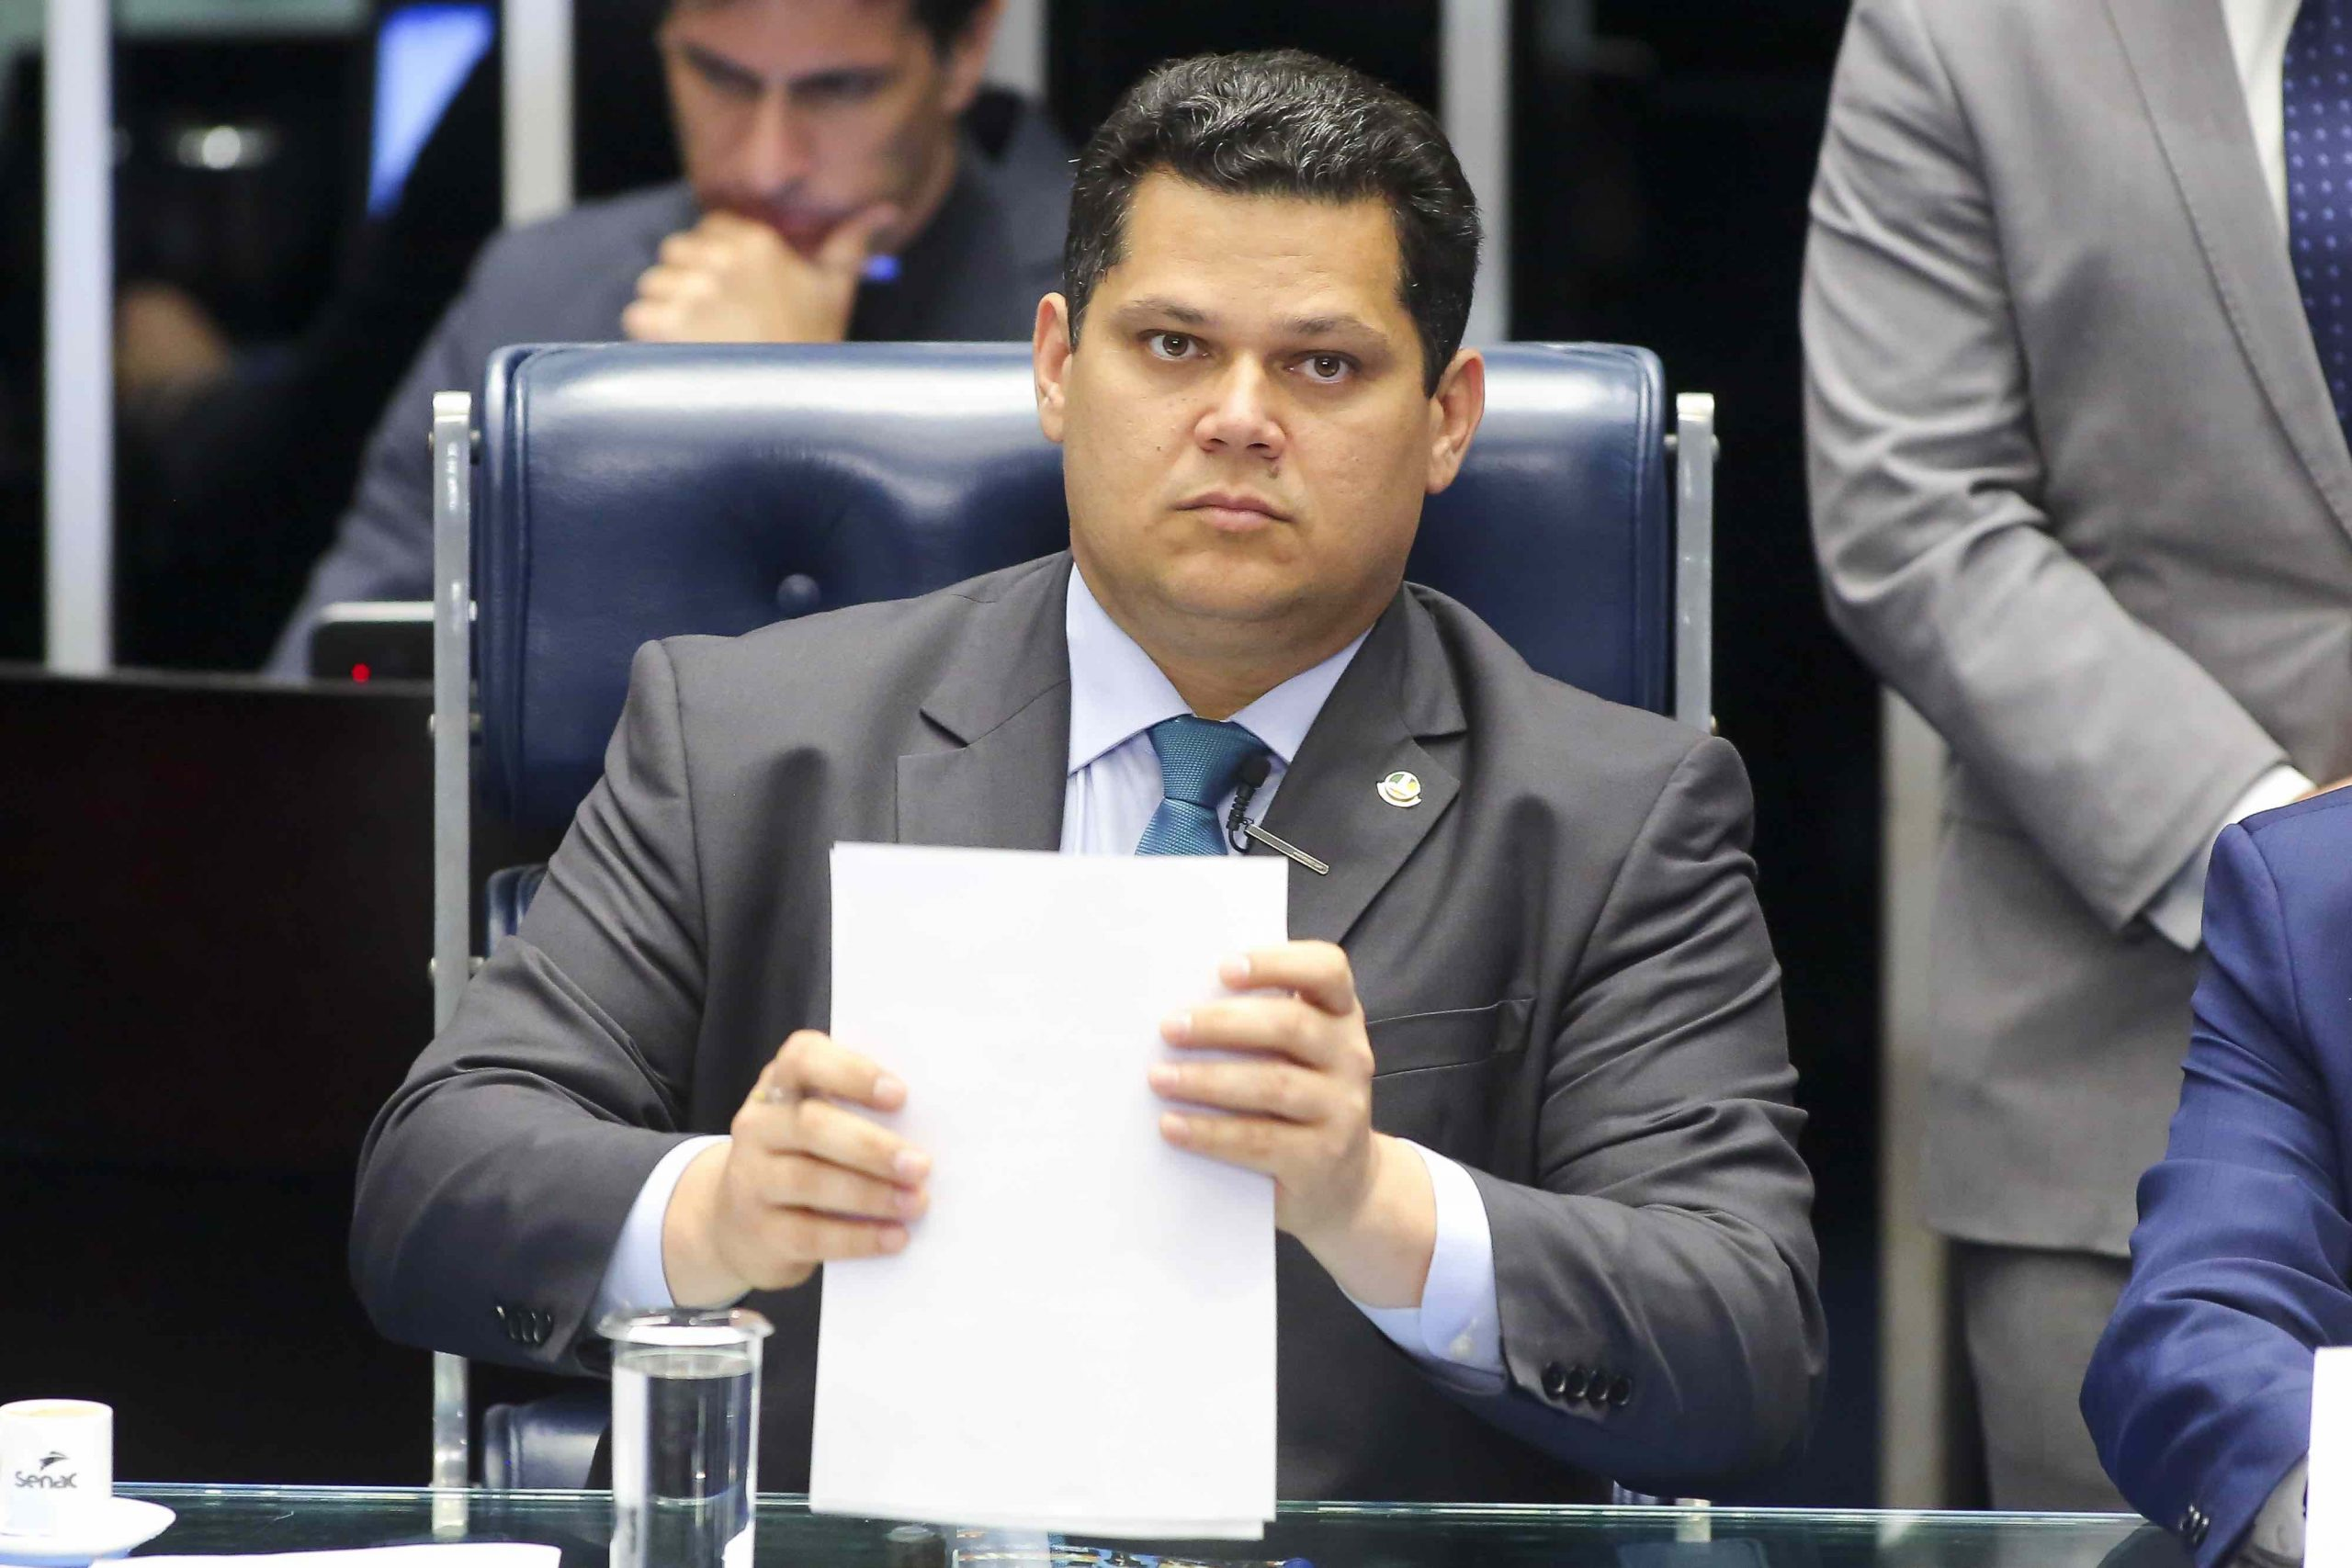 Urgente: Alcolumbre já tem data para a sabatina de André Mendonça, segundo jornalista